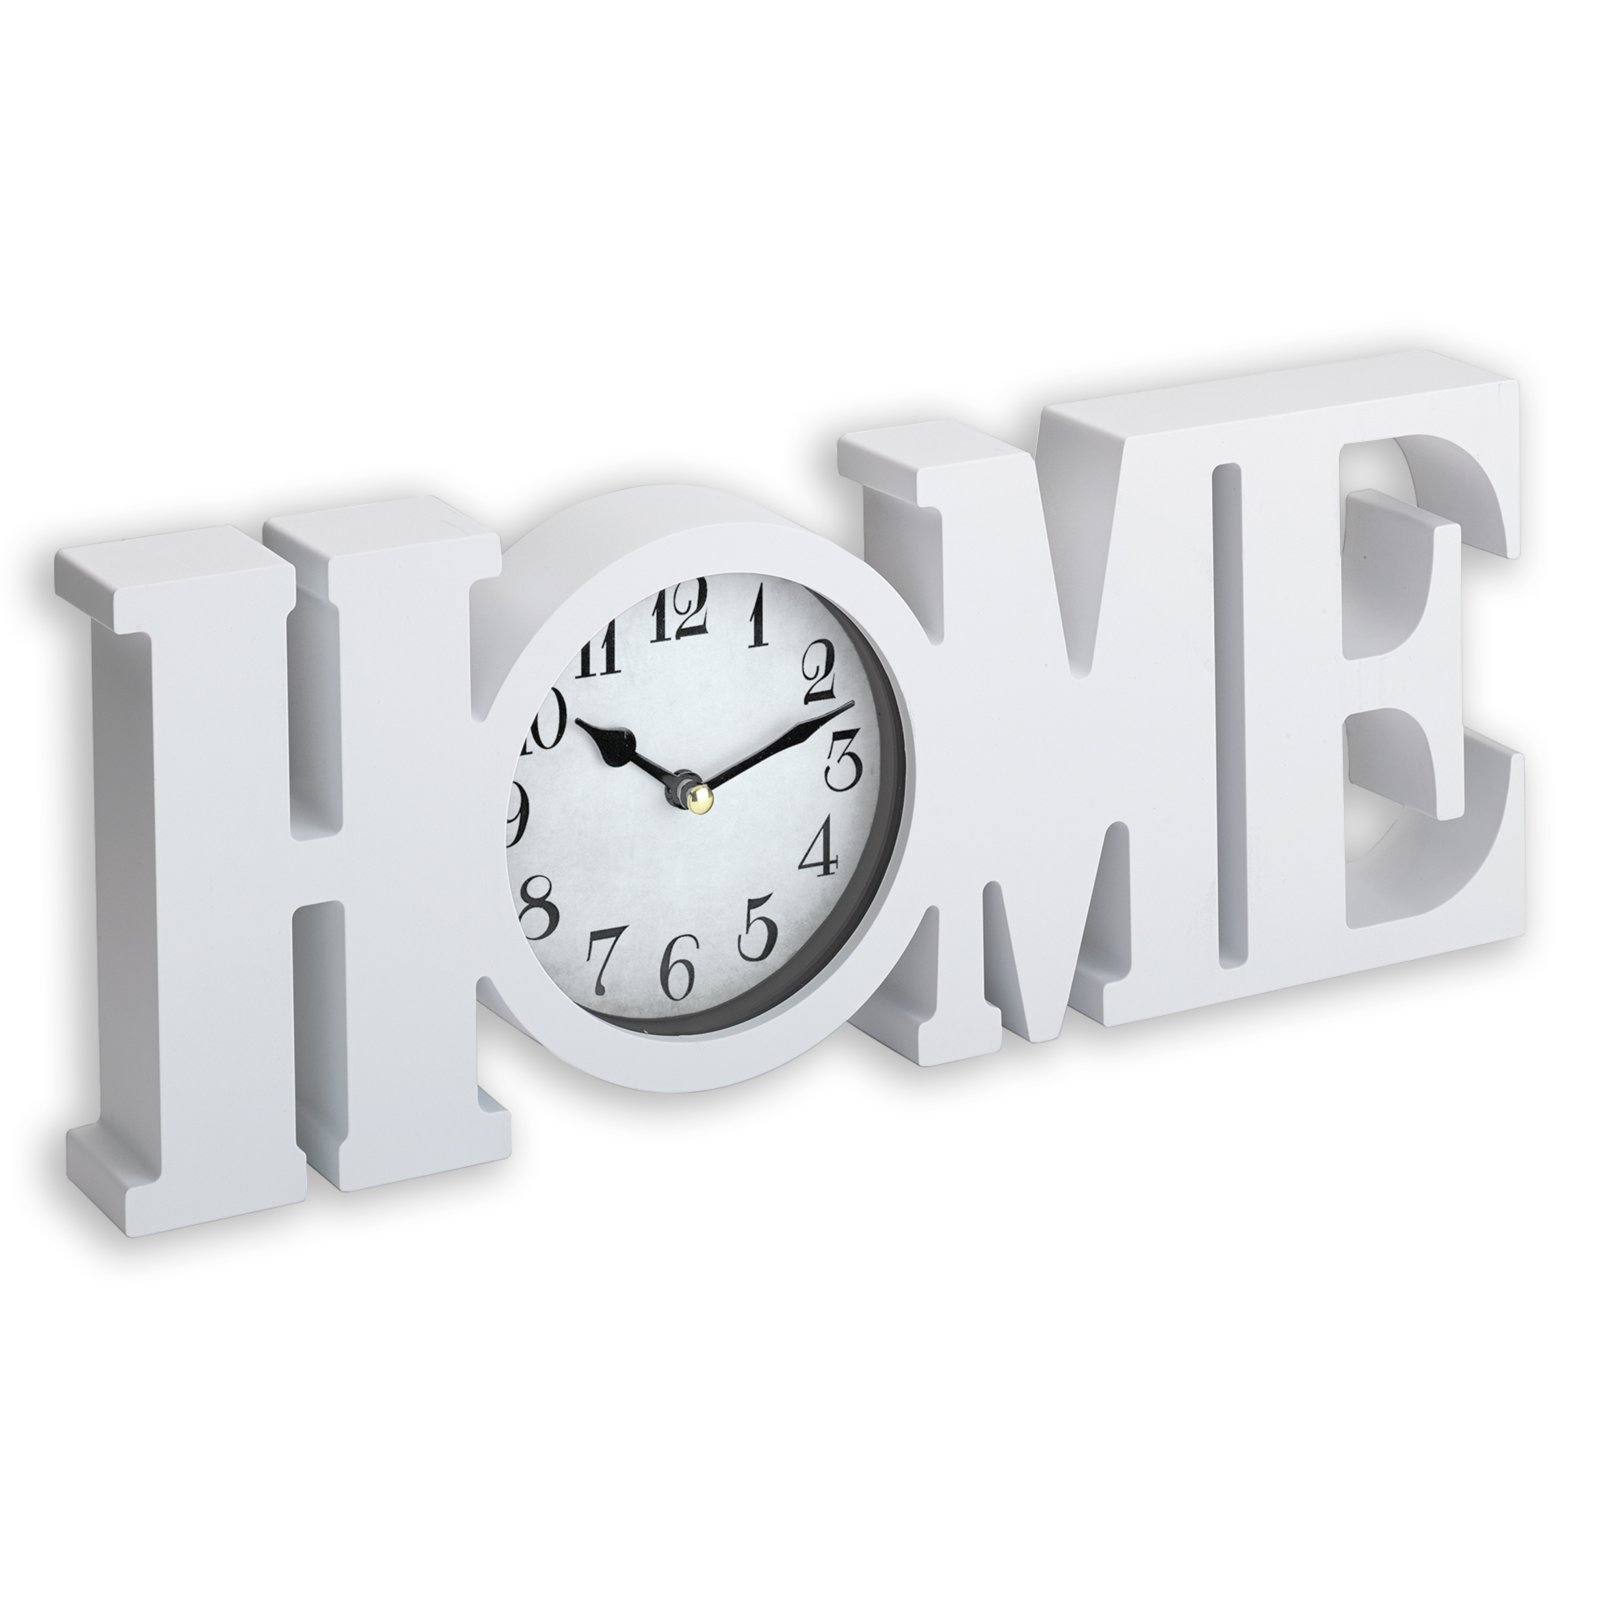 tischuhr home wei 39x14 cm uhren wecker deko. Black Bedroom Furniture Sets. Home Design Ideas